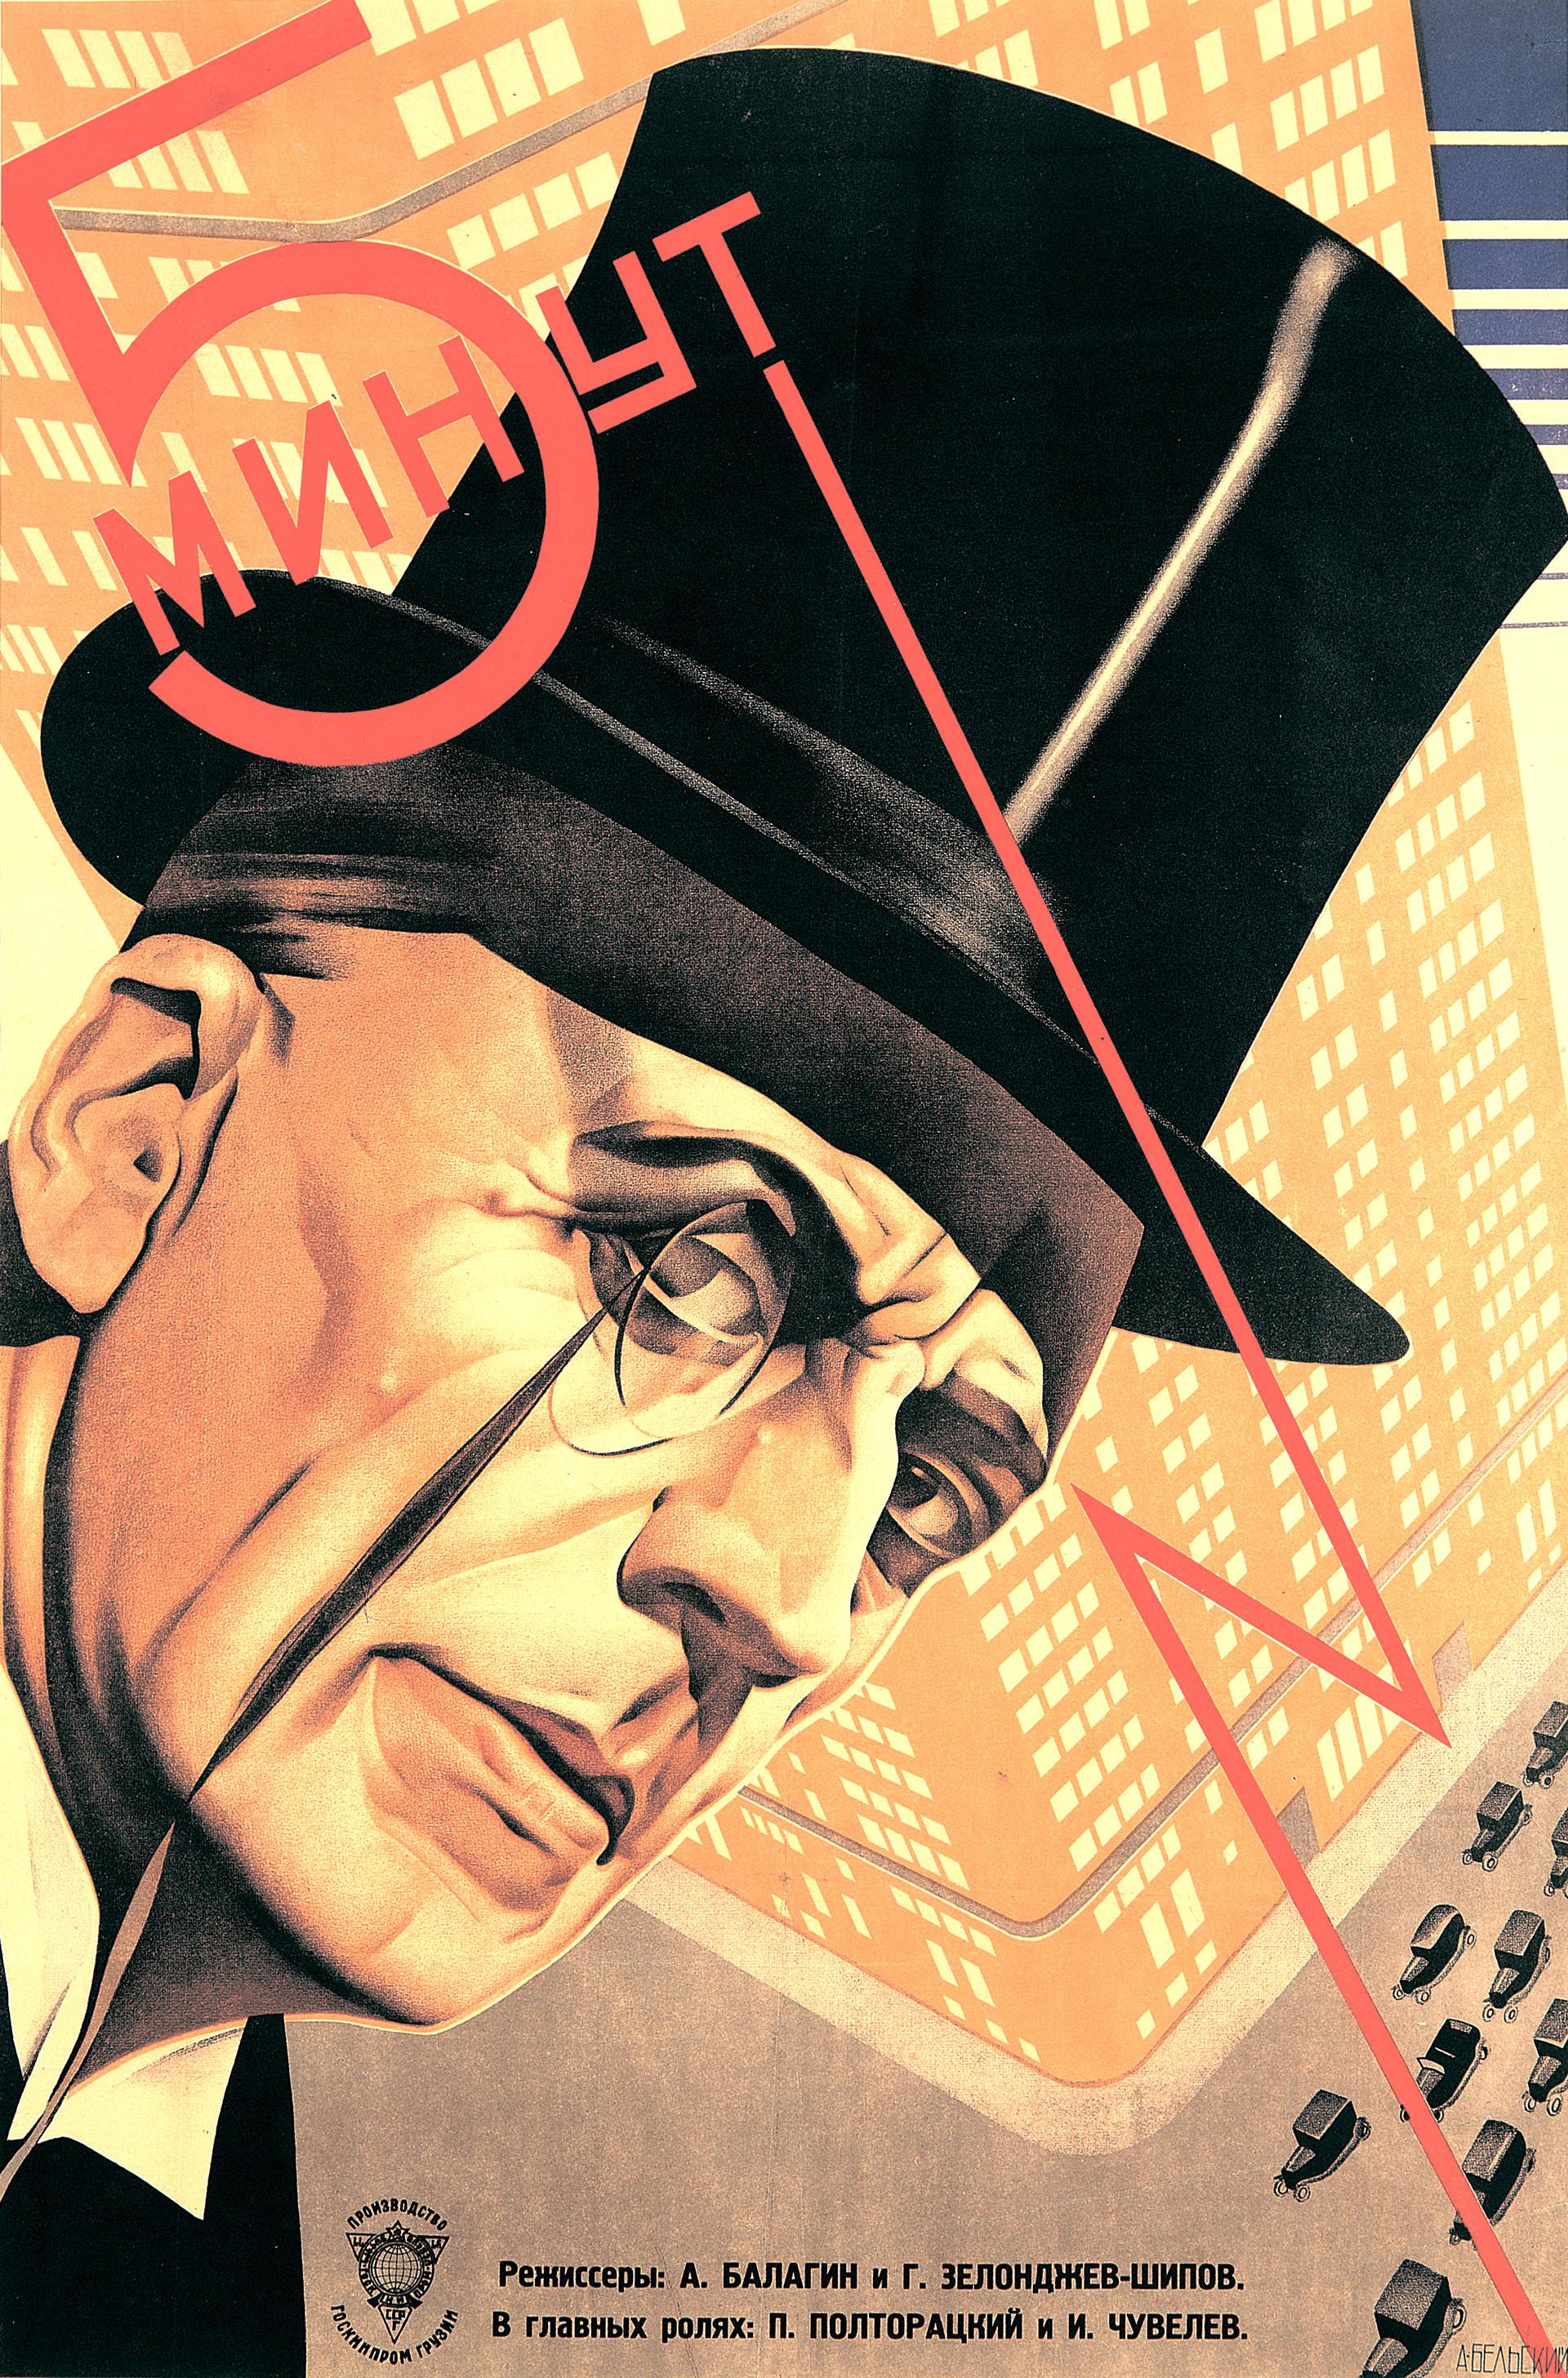 Nikolaj Prusakov, poster cinematografico di Pyat minut, 1929